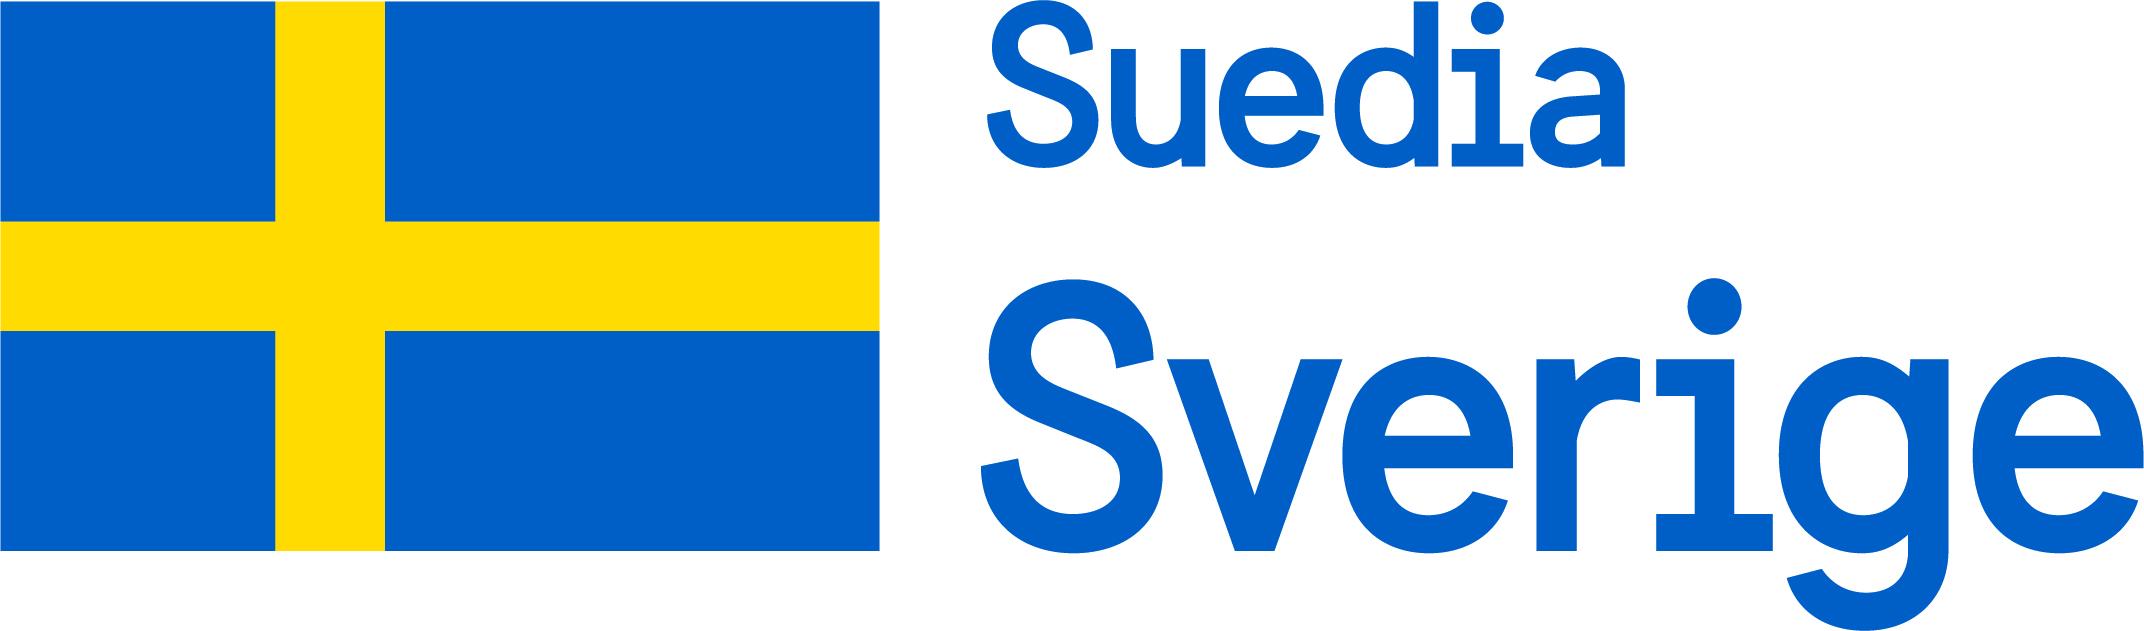 Sweden_logotype_Romania